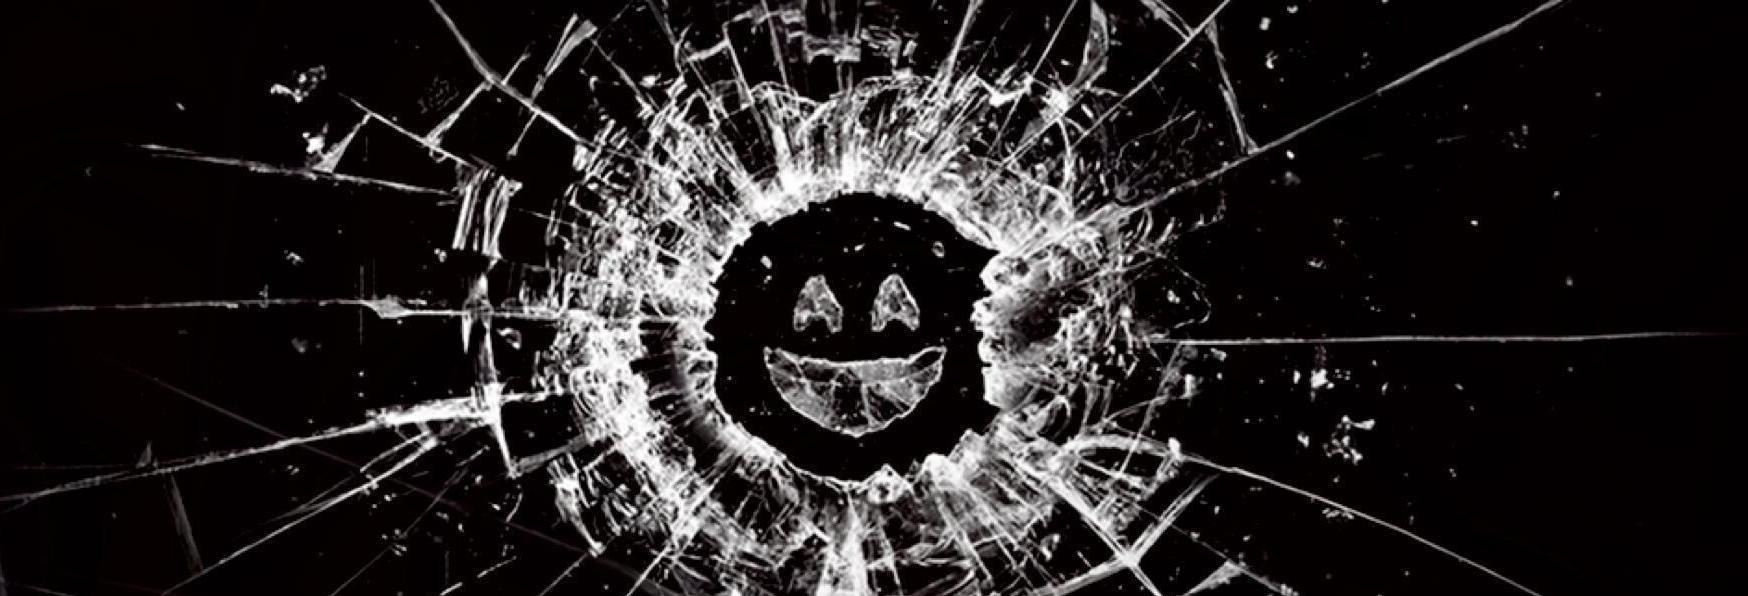 Black Mirror 5: i Teaser Ufficiali dei Tre nuovi Episodi in uscita a Giugno